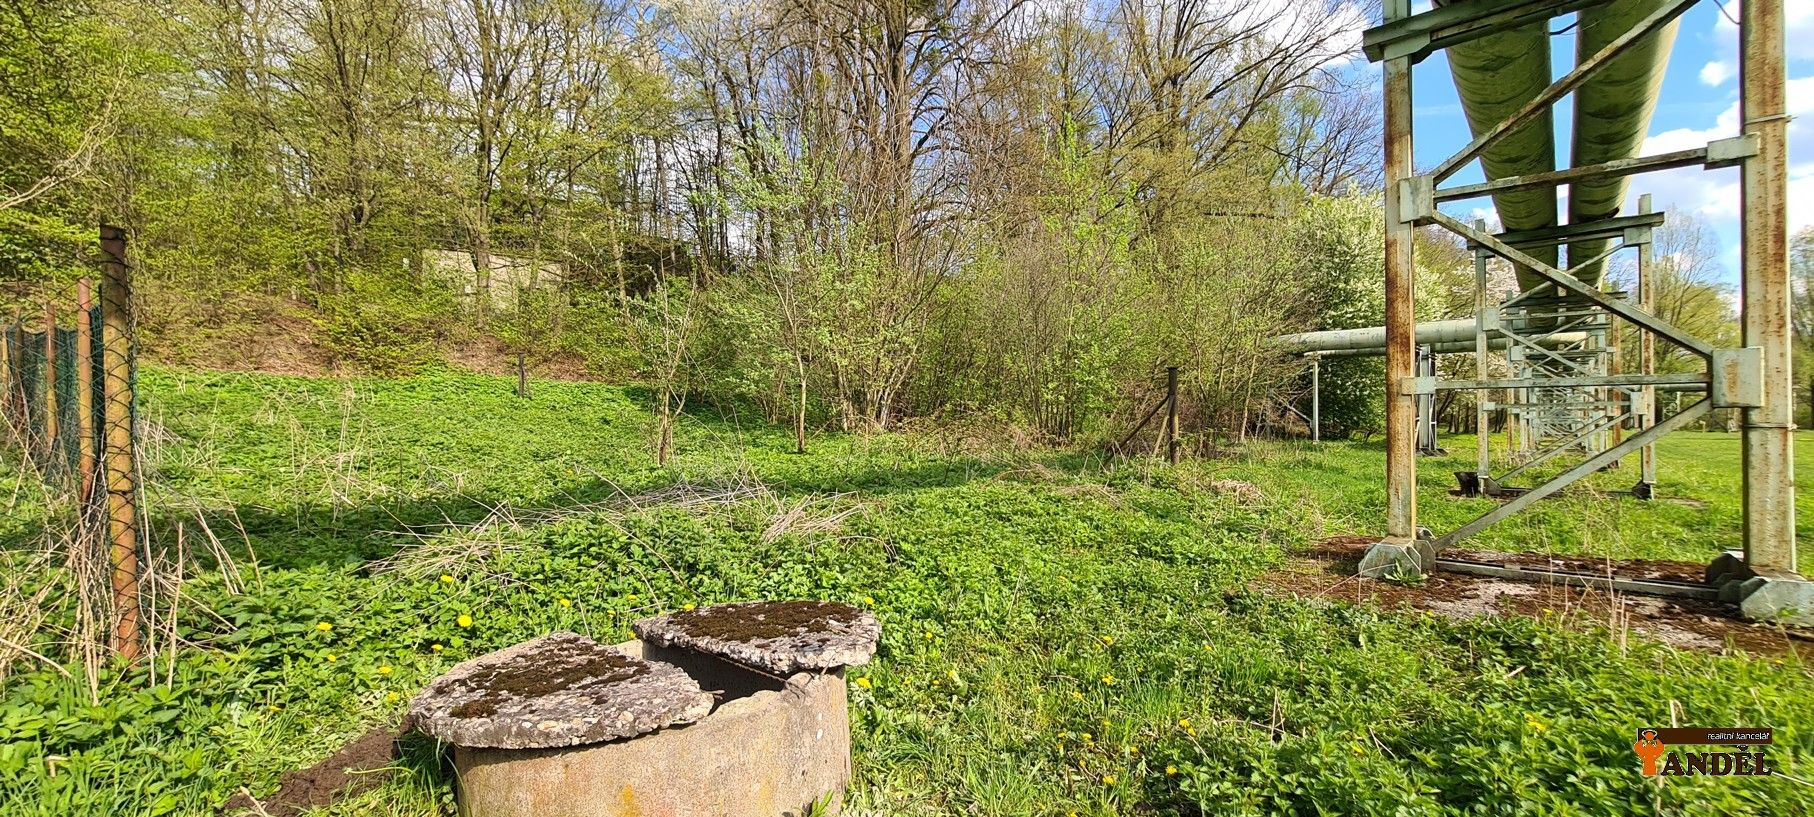 Zahrada, os.vlast., 219 m, Havířov